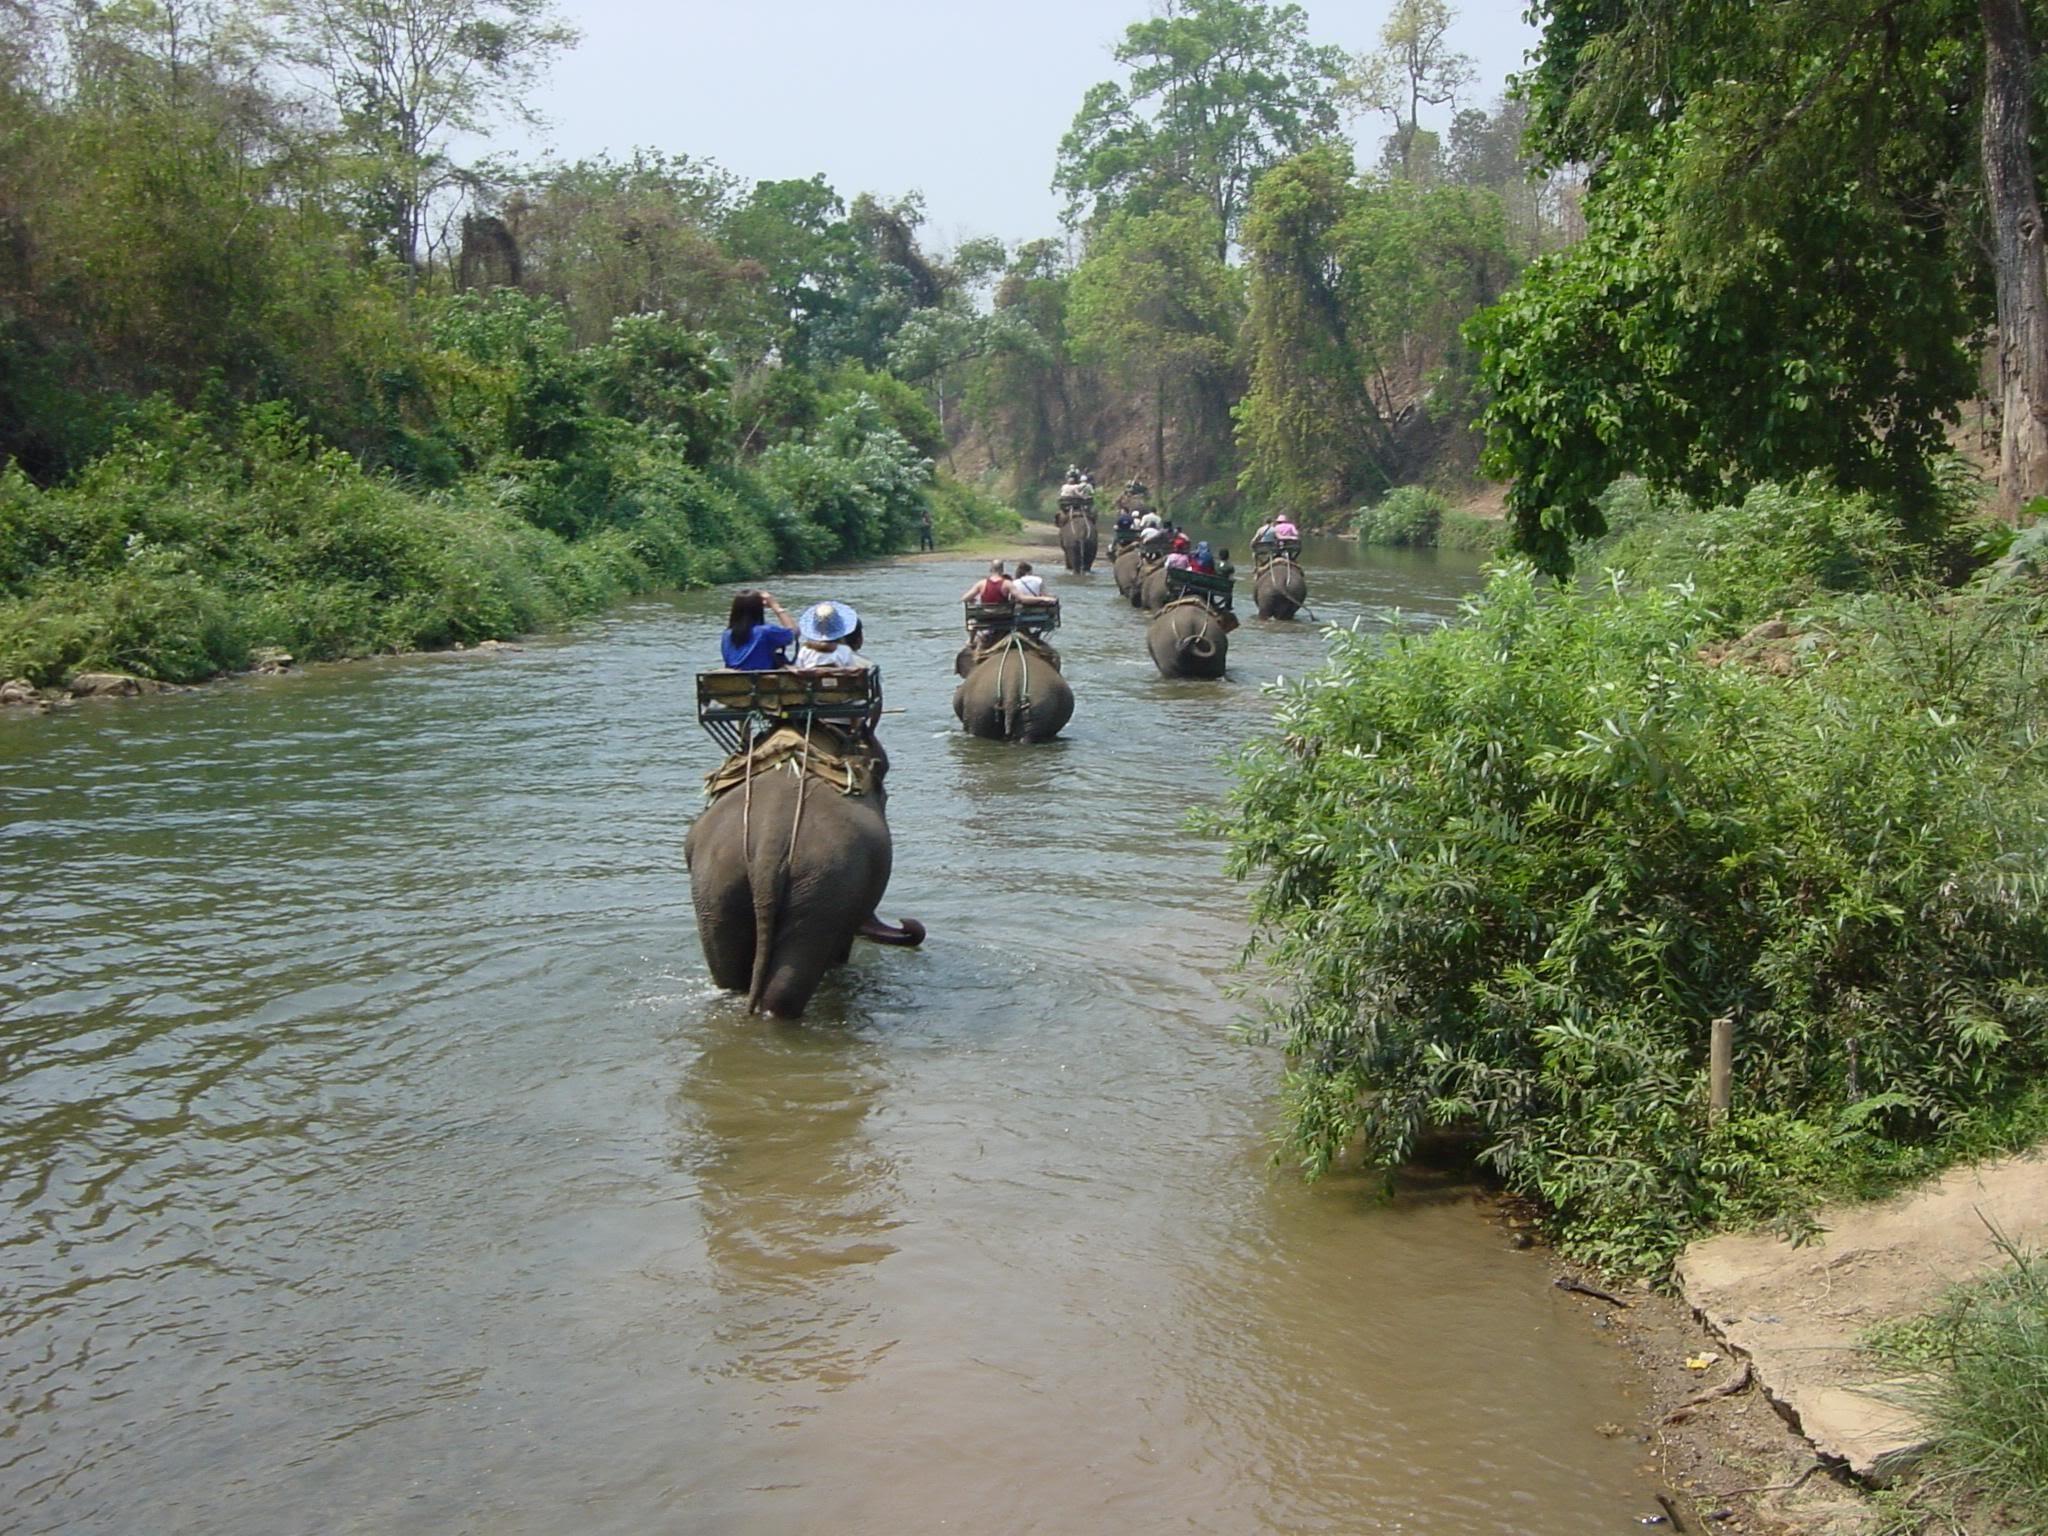 Los elefantes también bailan